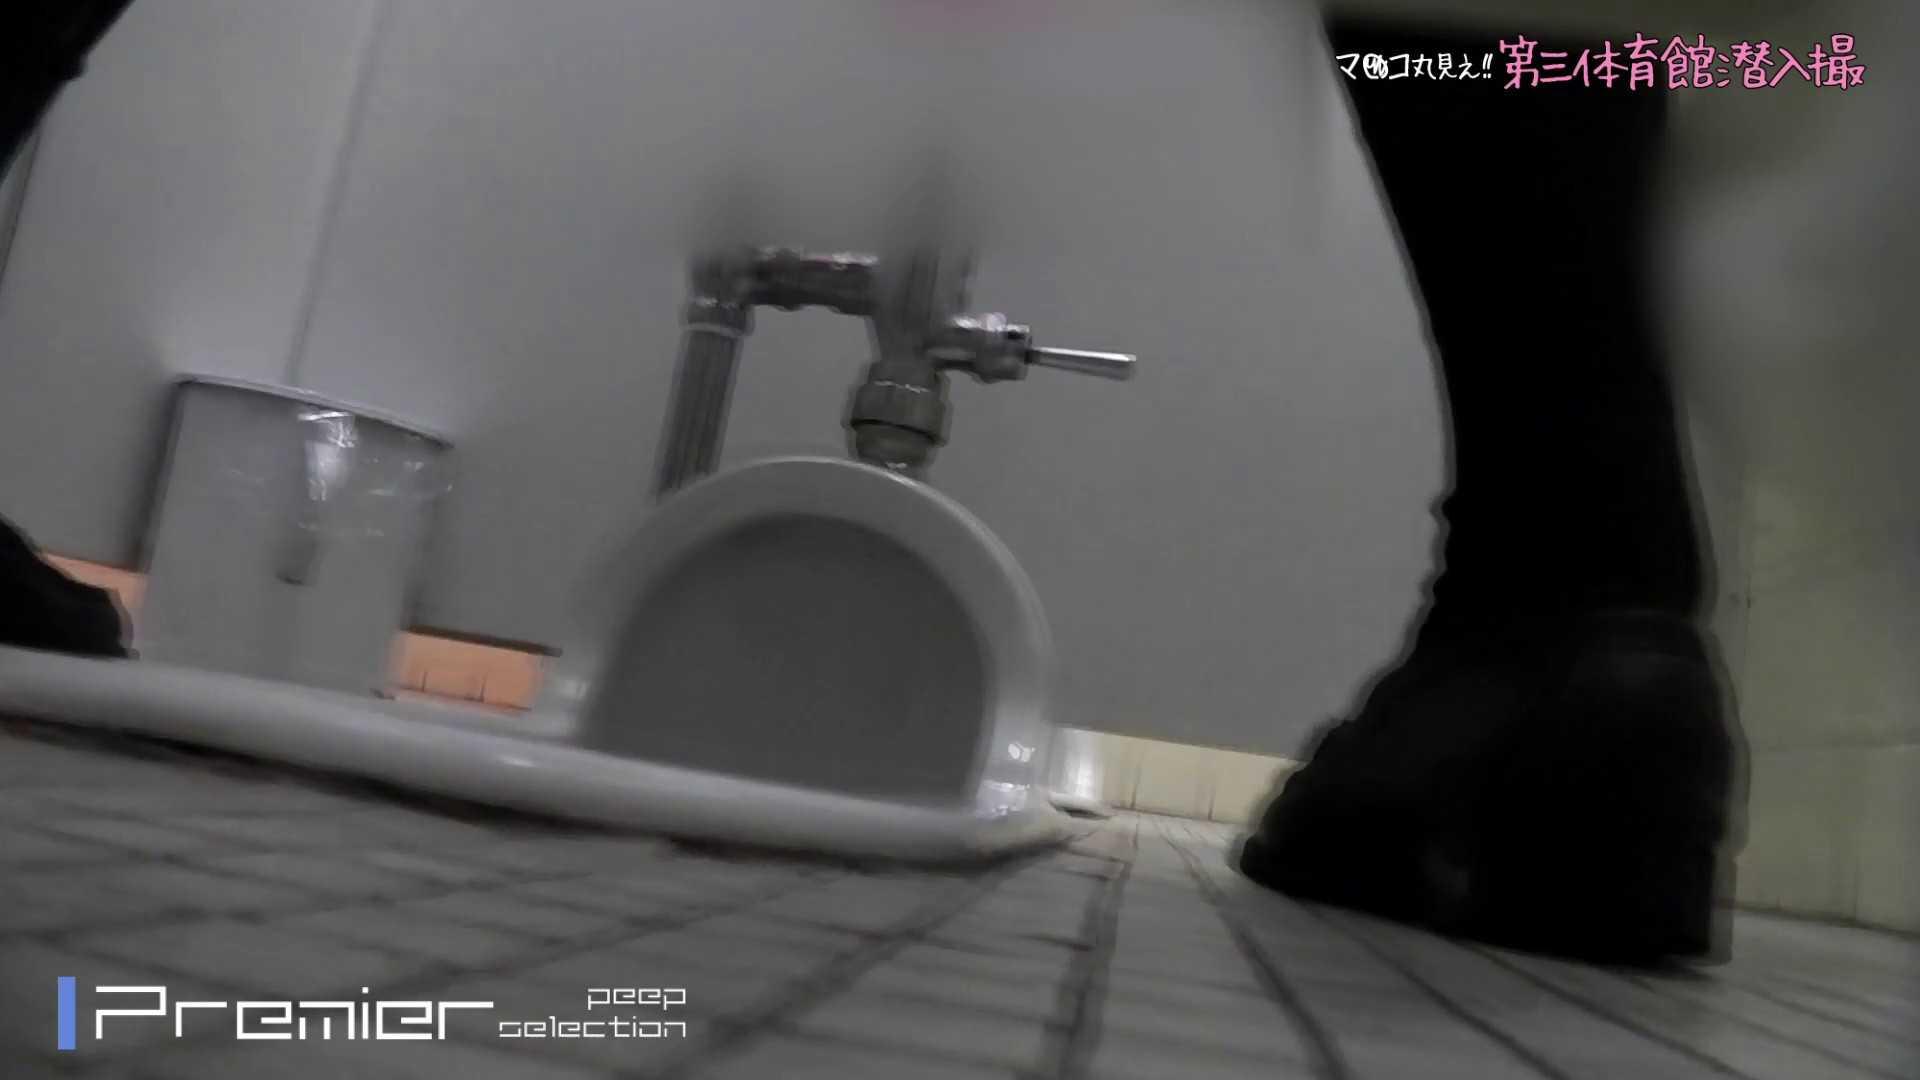 第三体育館File050 これから汚されていくでしょう、純粋な人たち・・・ トイレ  59pic 9